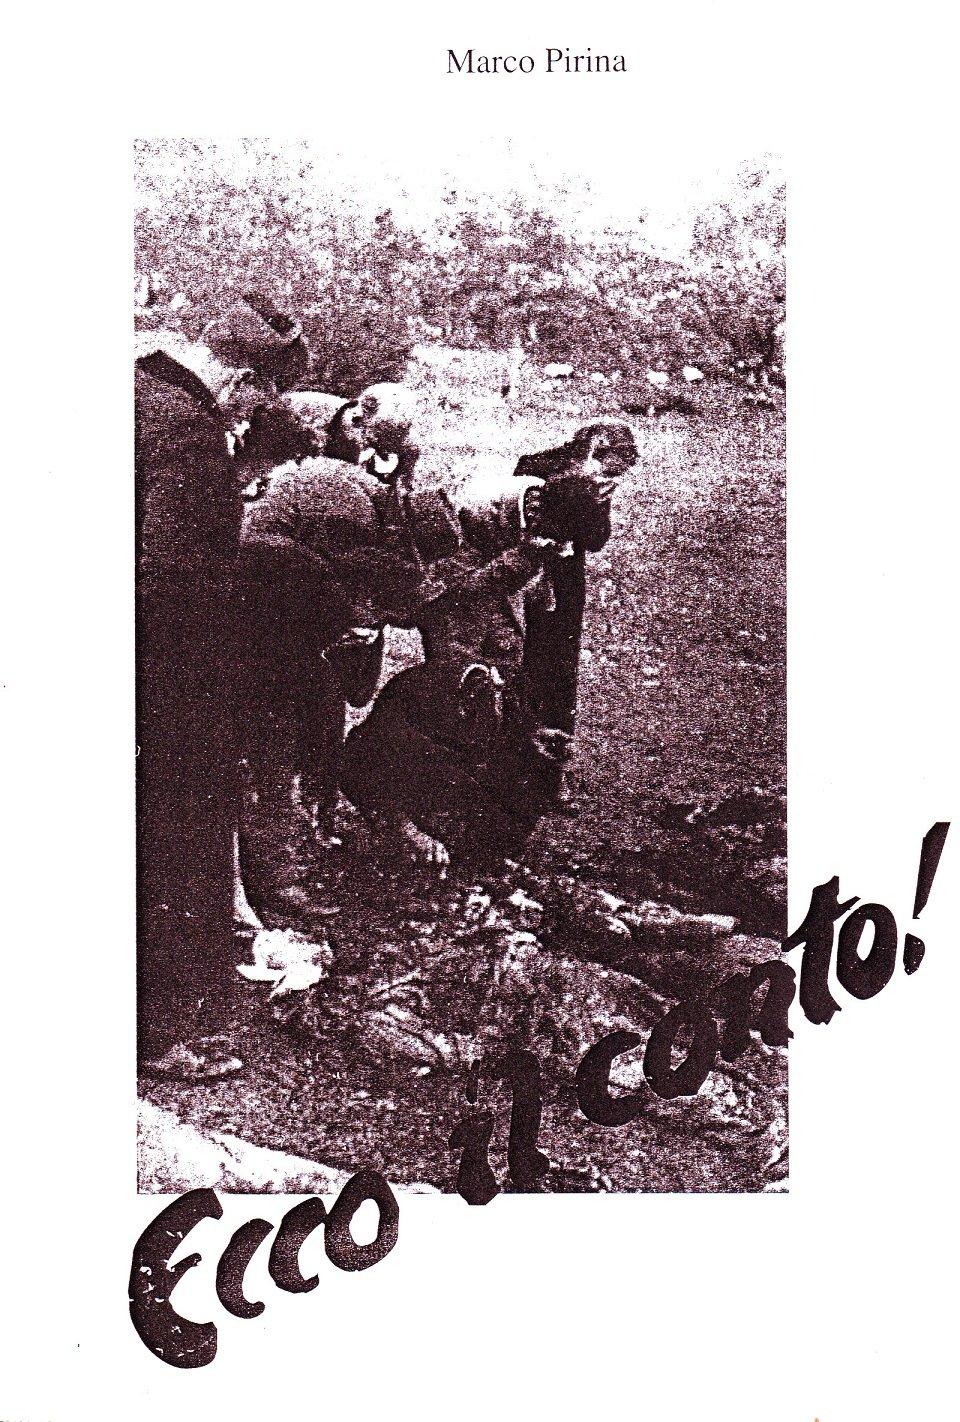 «Ecco il conto!», l'opuscolo sulle foibe istriane diffuso dalle SS dopo l'occupazione dell'Istria. Da quelle pagine parte la narrazione-matrice (sottaciuta, per ovvi motivi) di tutto il discorso sulle foibe.